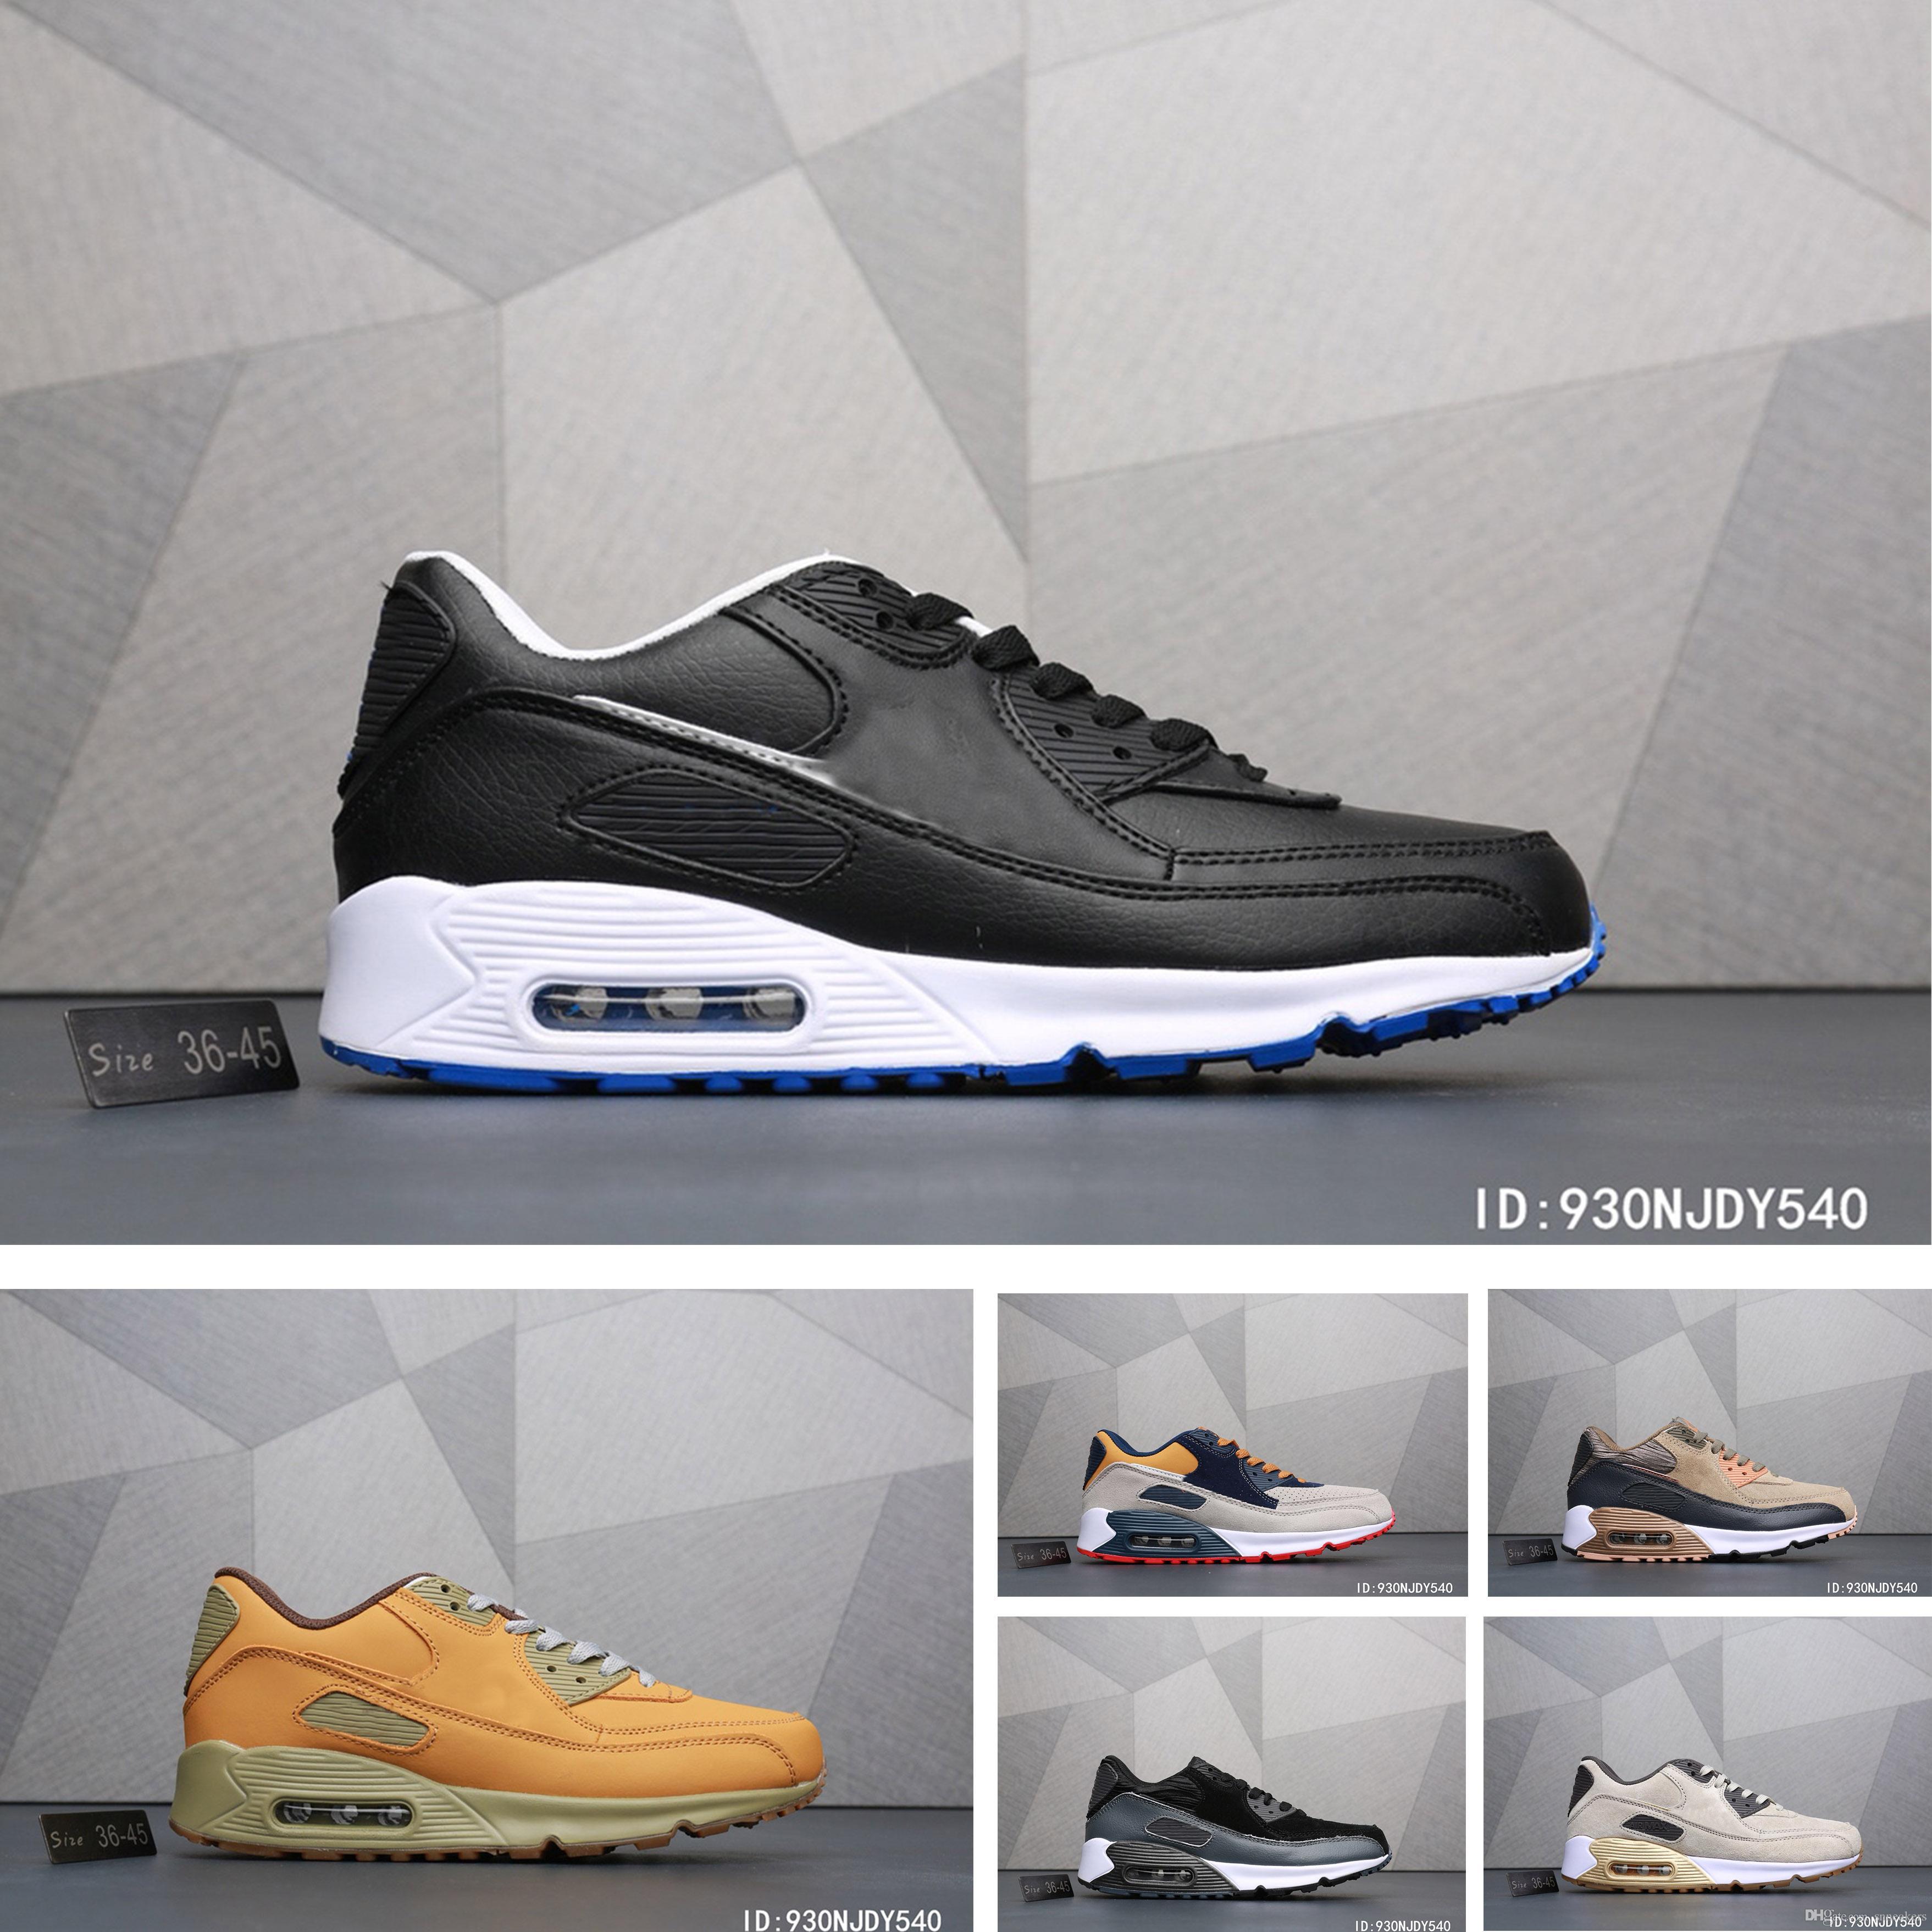 ede07f61ee82bc Acheter Nike Air Max 90 Ultra Designer Shoes Nouvelle Arrivée De Marque De  Luxe Ice Max 90 Chaussures De Sport Pour La Marque Femme Chaussures Homme  Baskets ...